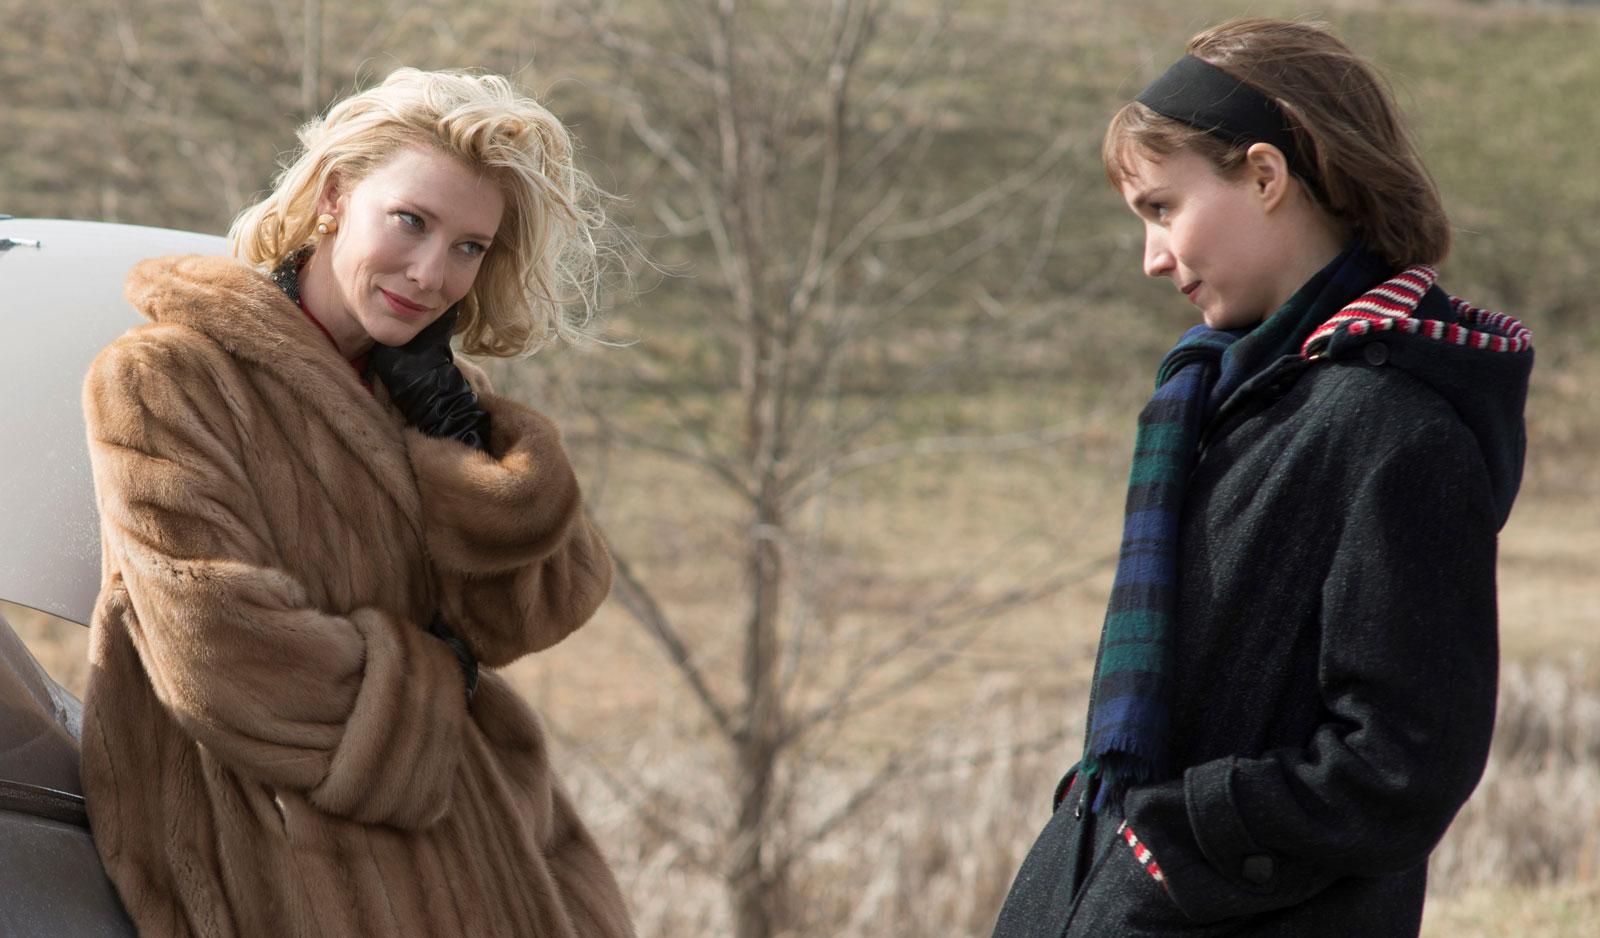 Кэрол (Кейт Бланшетт) иТереза (Руни Мара). Кадр изфильма «Кэрол» (2015, режиссер Тодд Хейнс). Источник: imdb.com